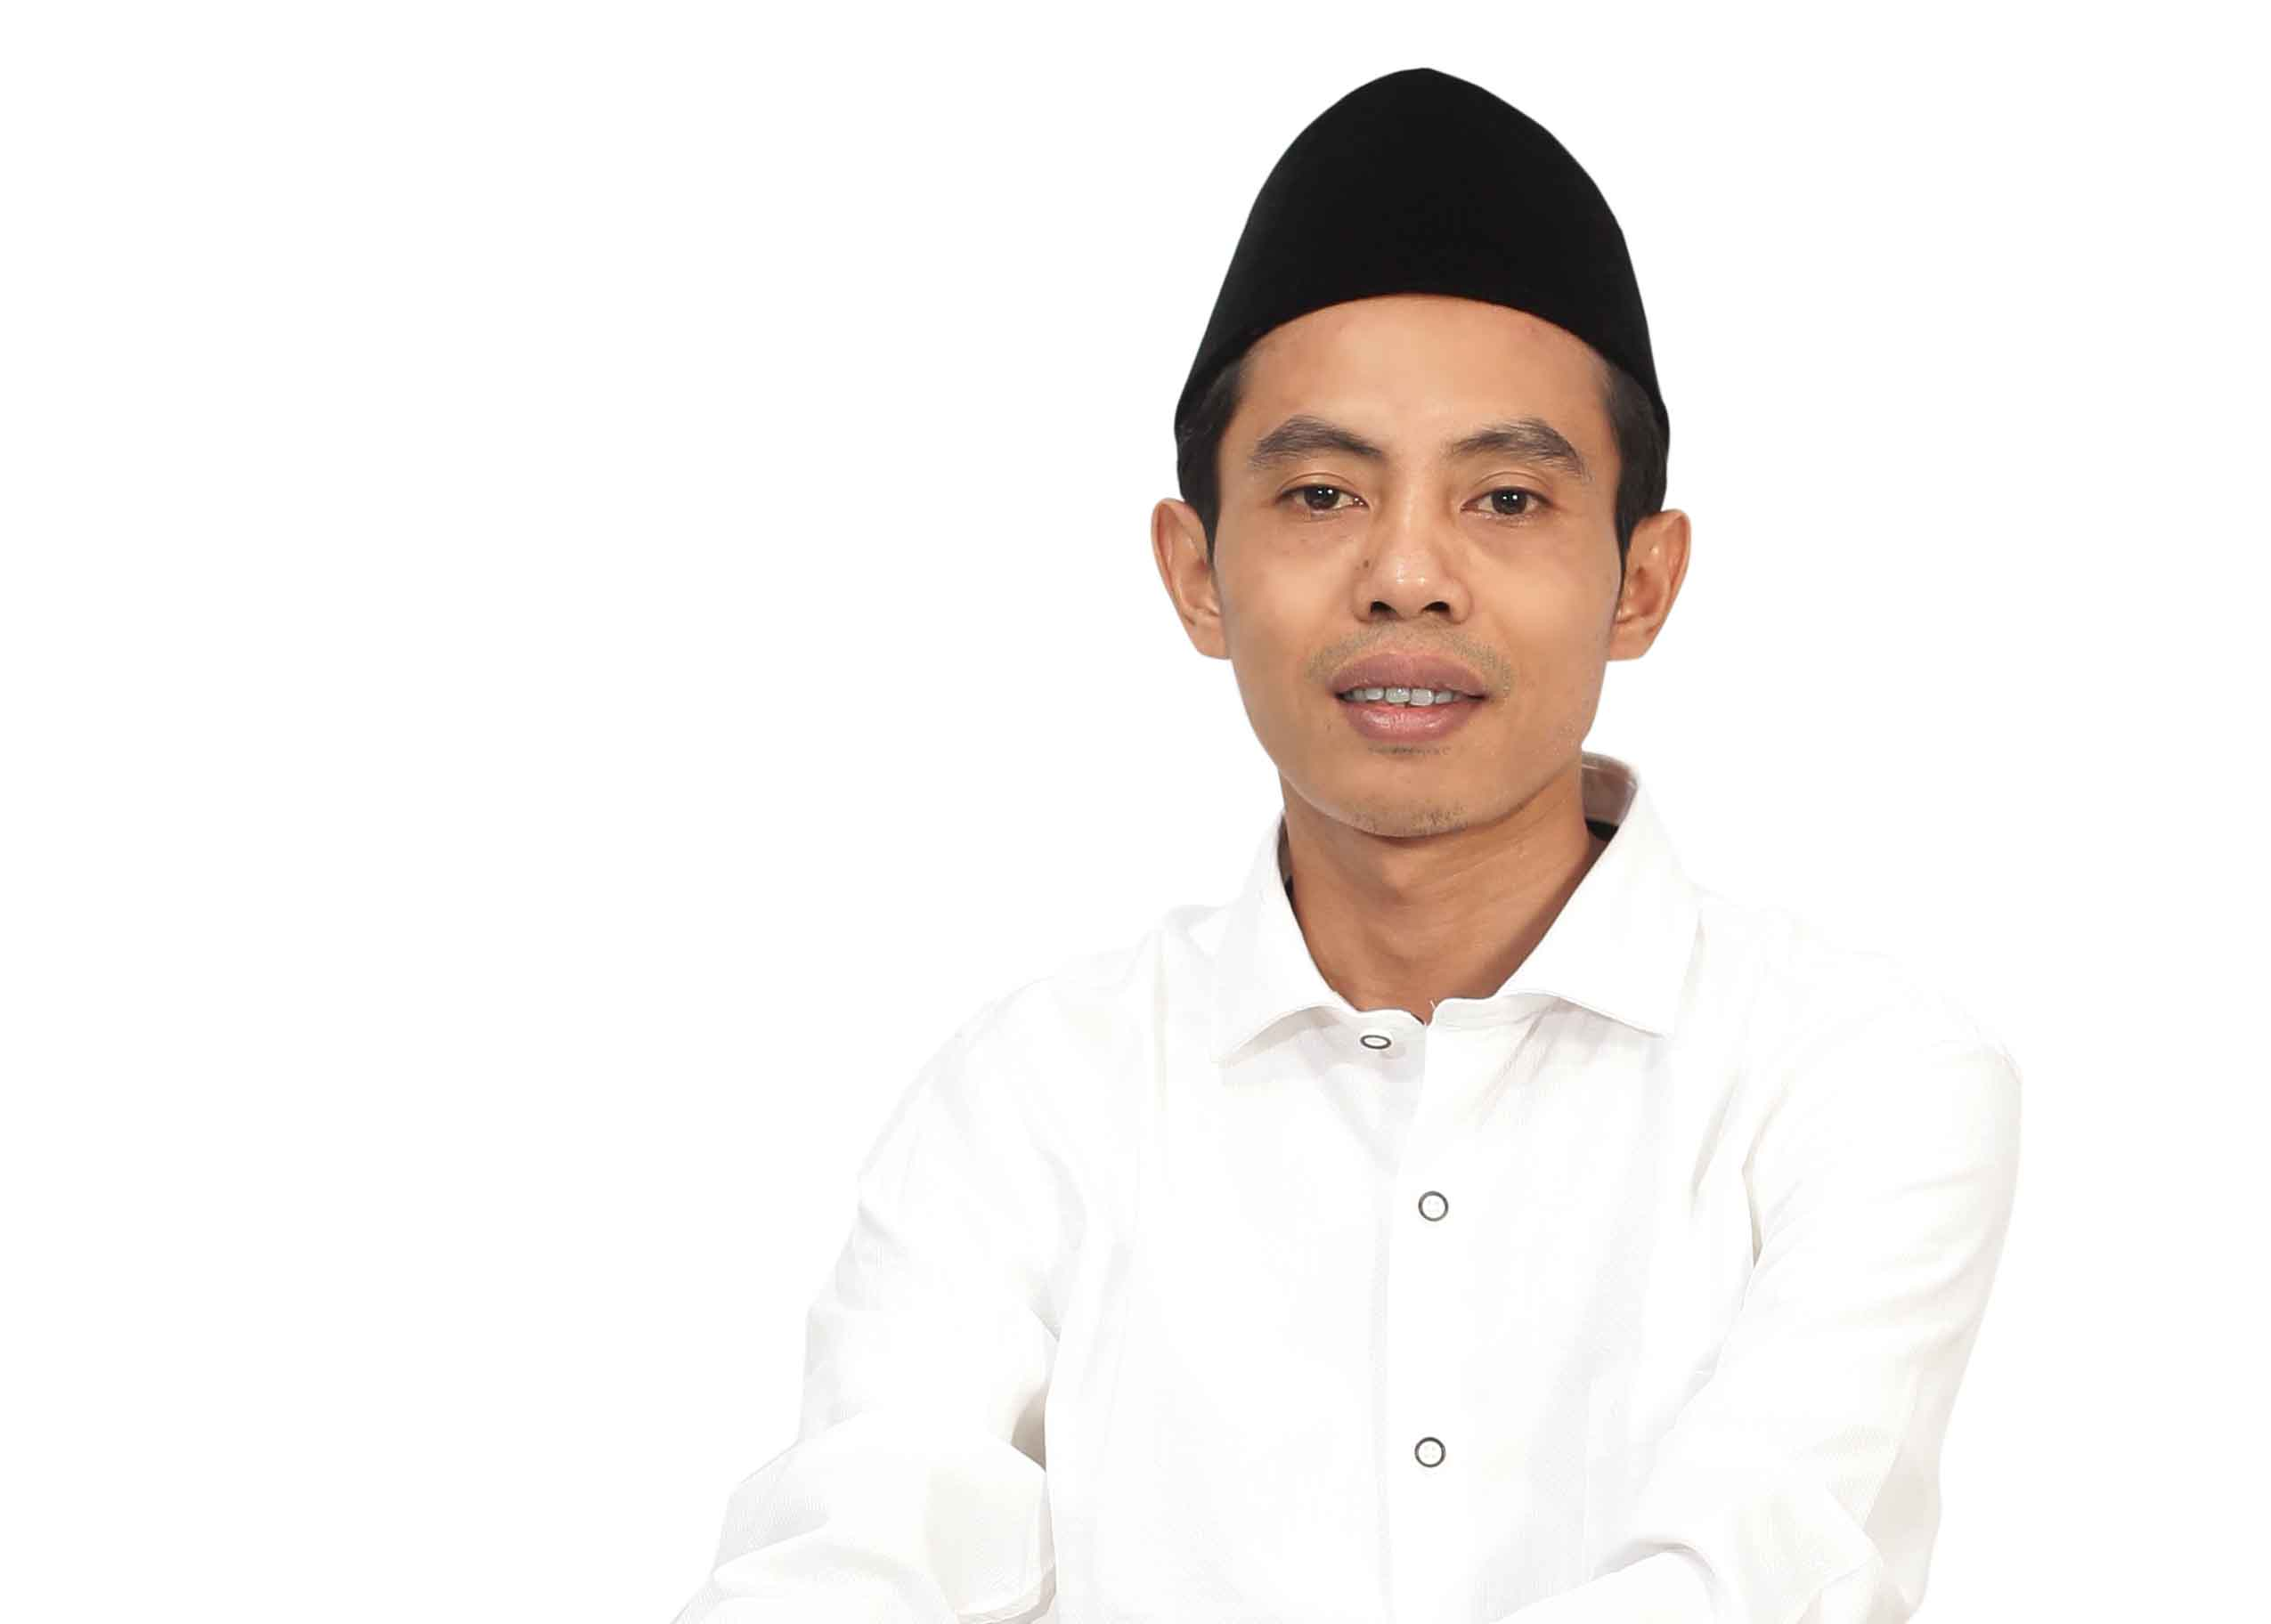 Ketua LTNNU Loteng Beri Apresiasi, Kiyai Ma'ruf Ceramah Radikalisme di UNRAM